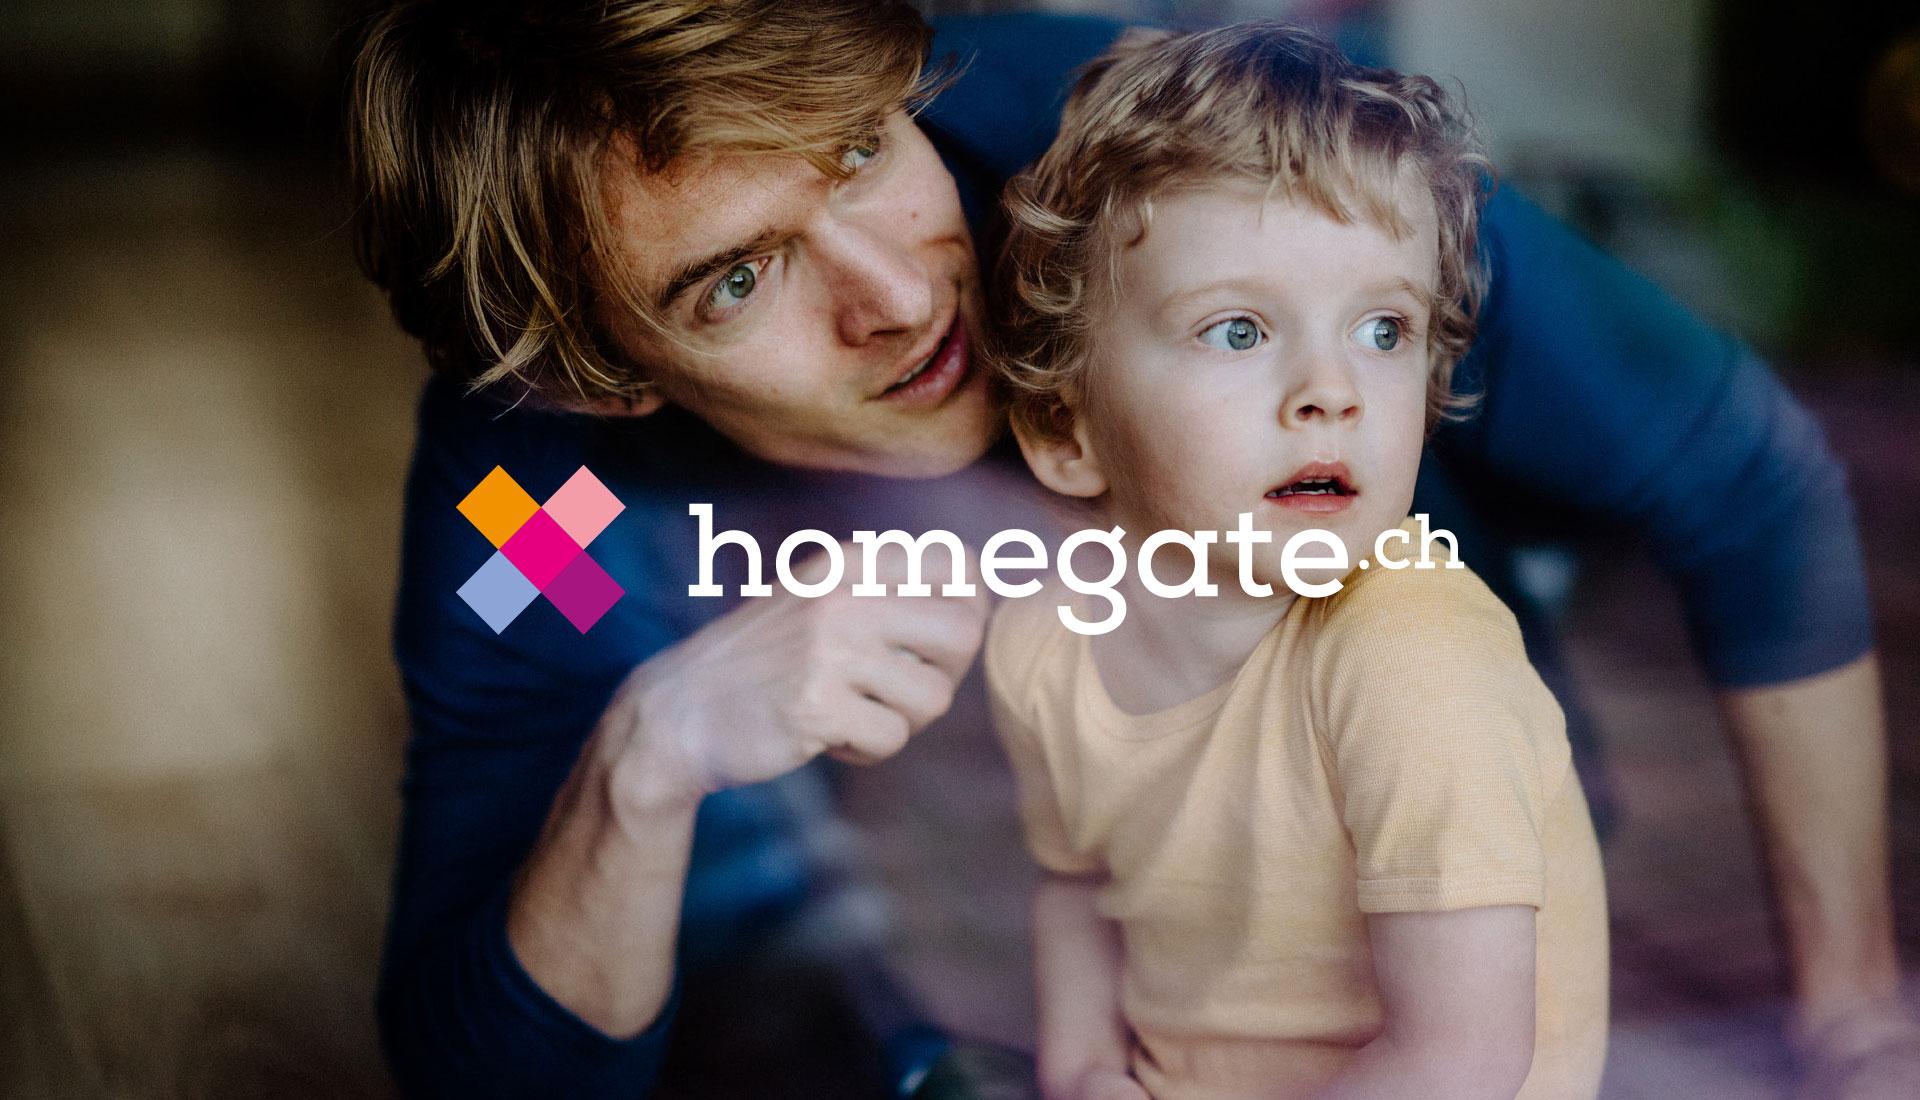 susanngreuel-homegate-redesign-markenentwicklung-3